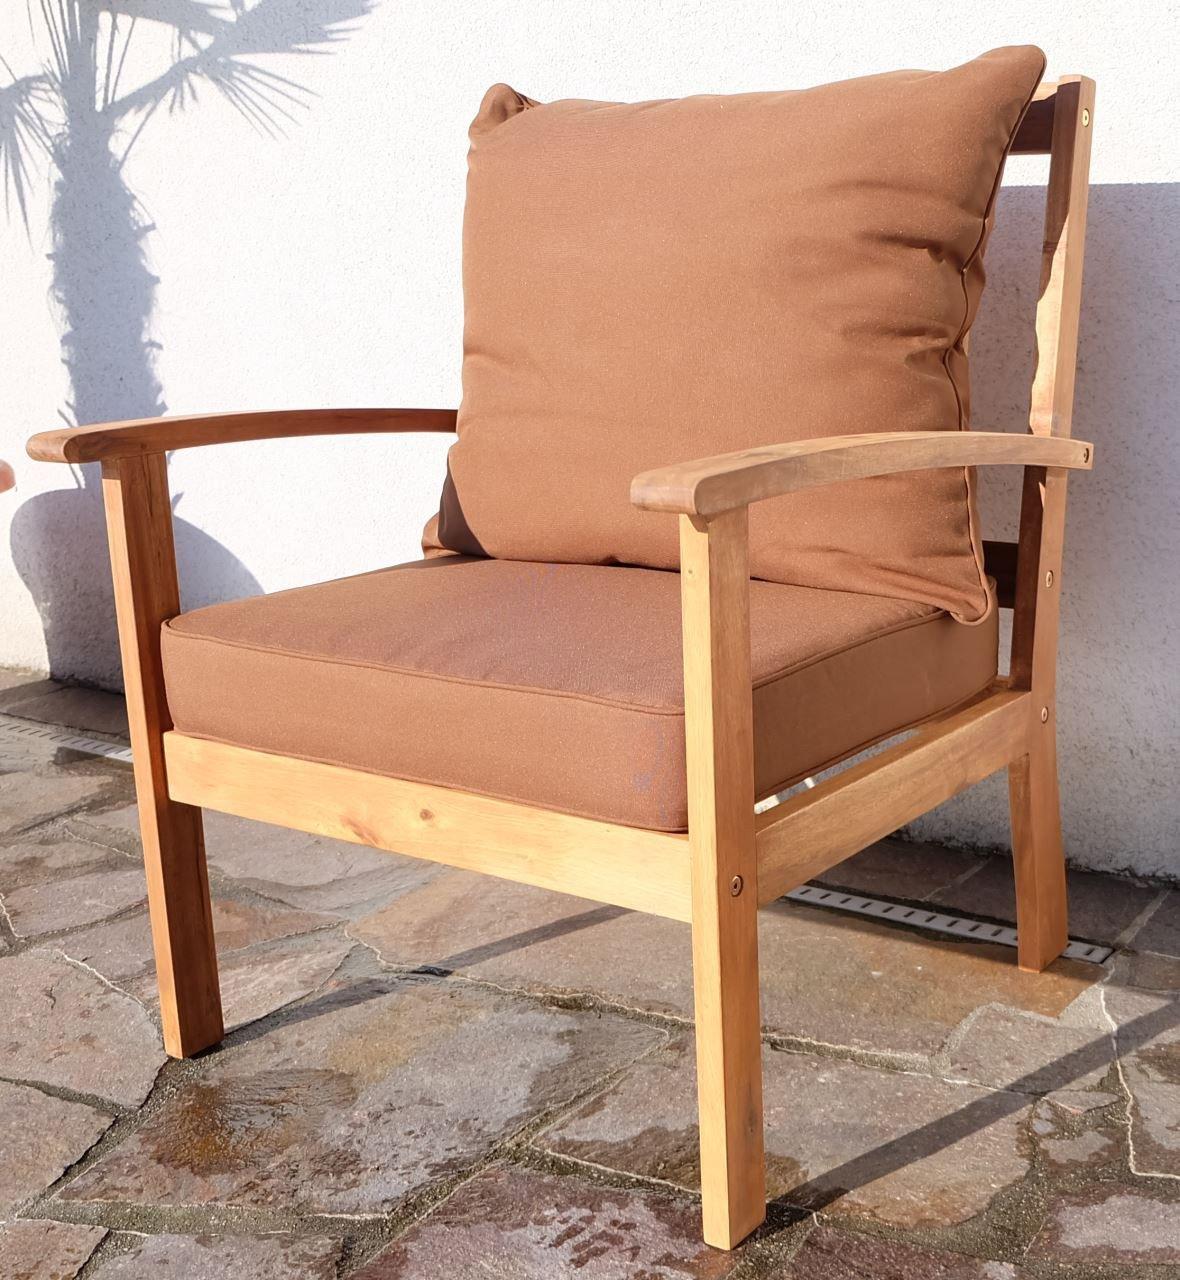 Design Sofa Sessel Gartensessel Gartenstuhl Sessel Holzsessel Gartenmöbel Holz Akazie wie Teak PALMA mit Sitzkissen von AS-S günstig kaufen